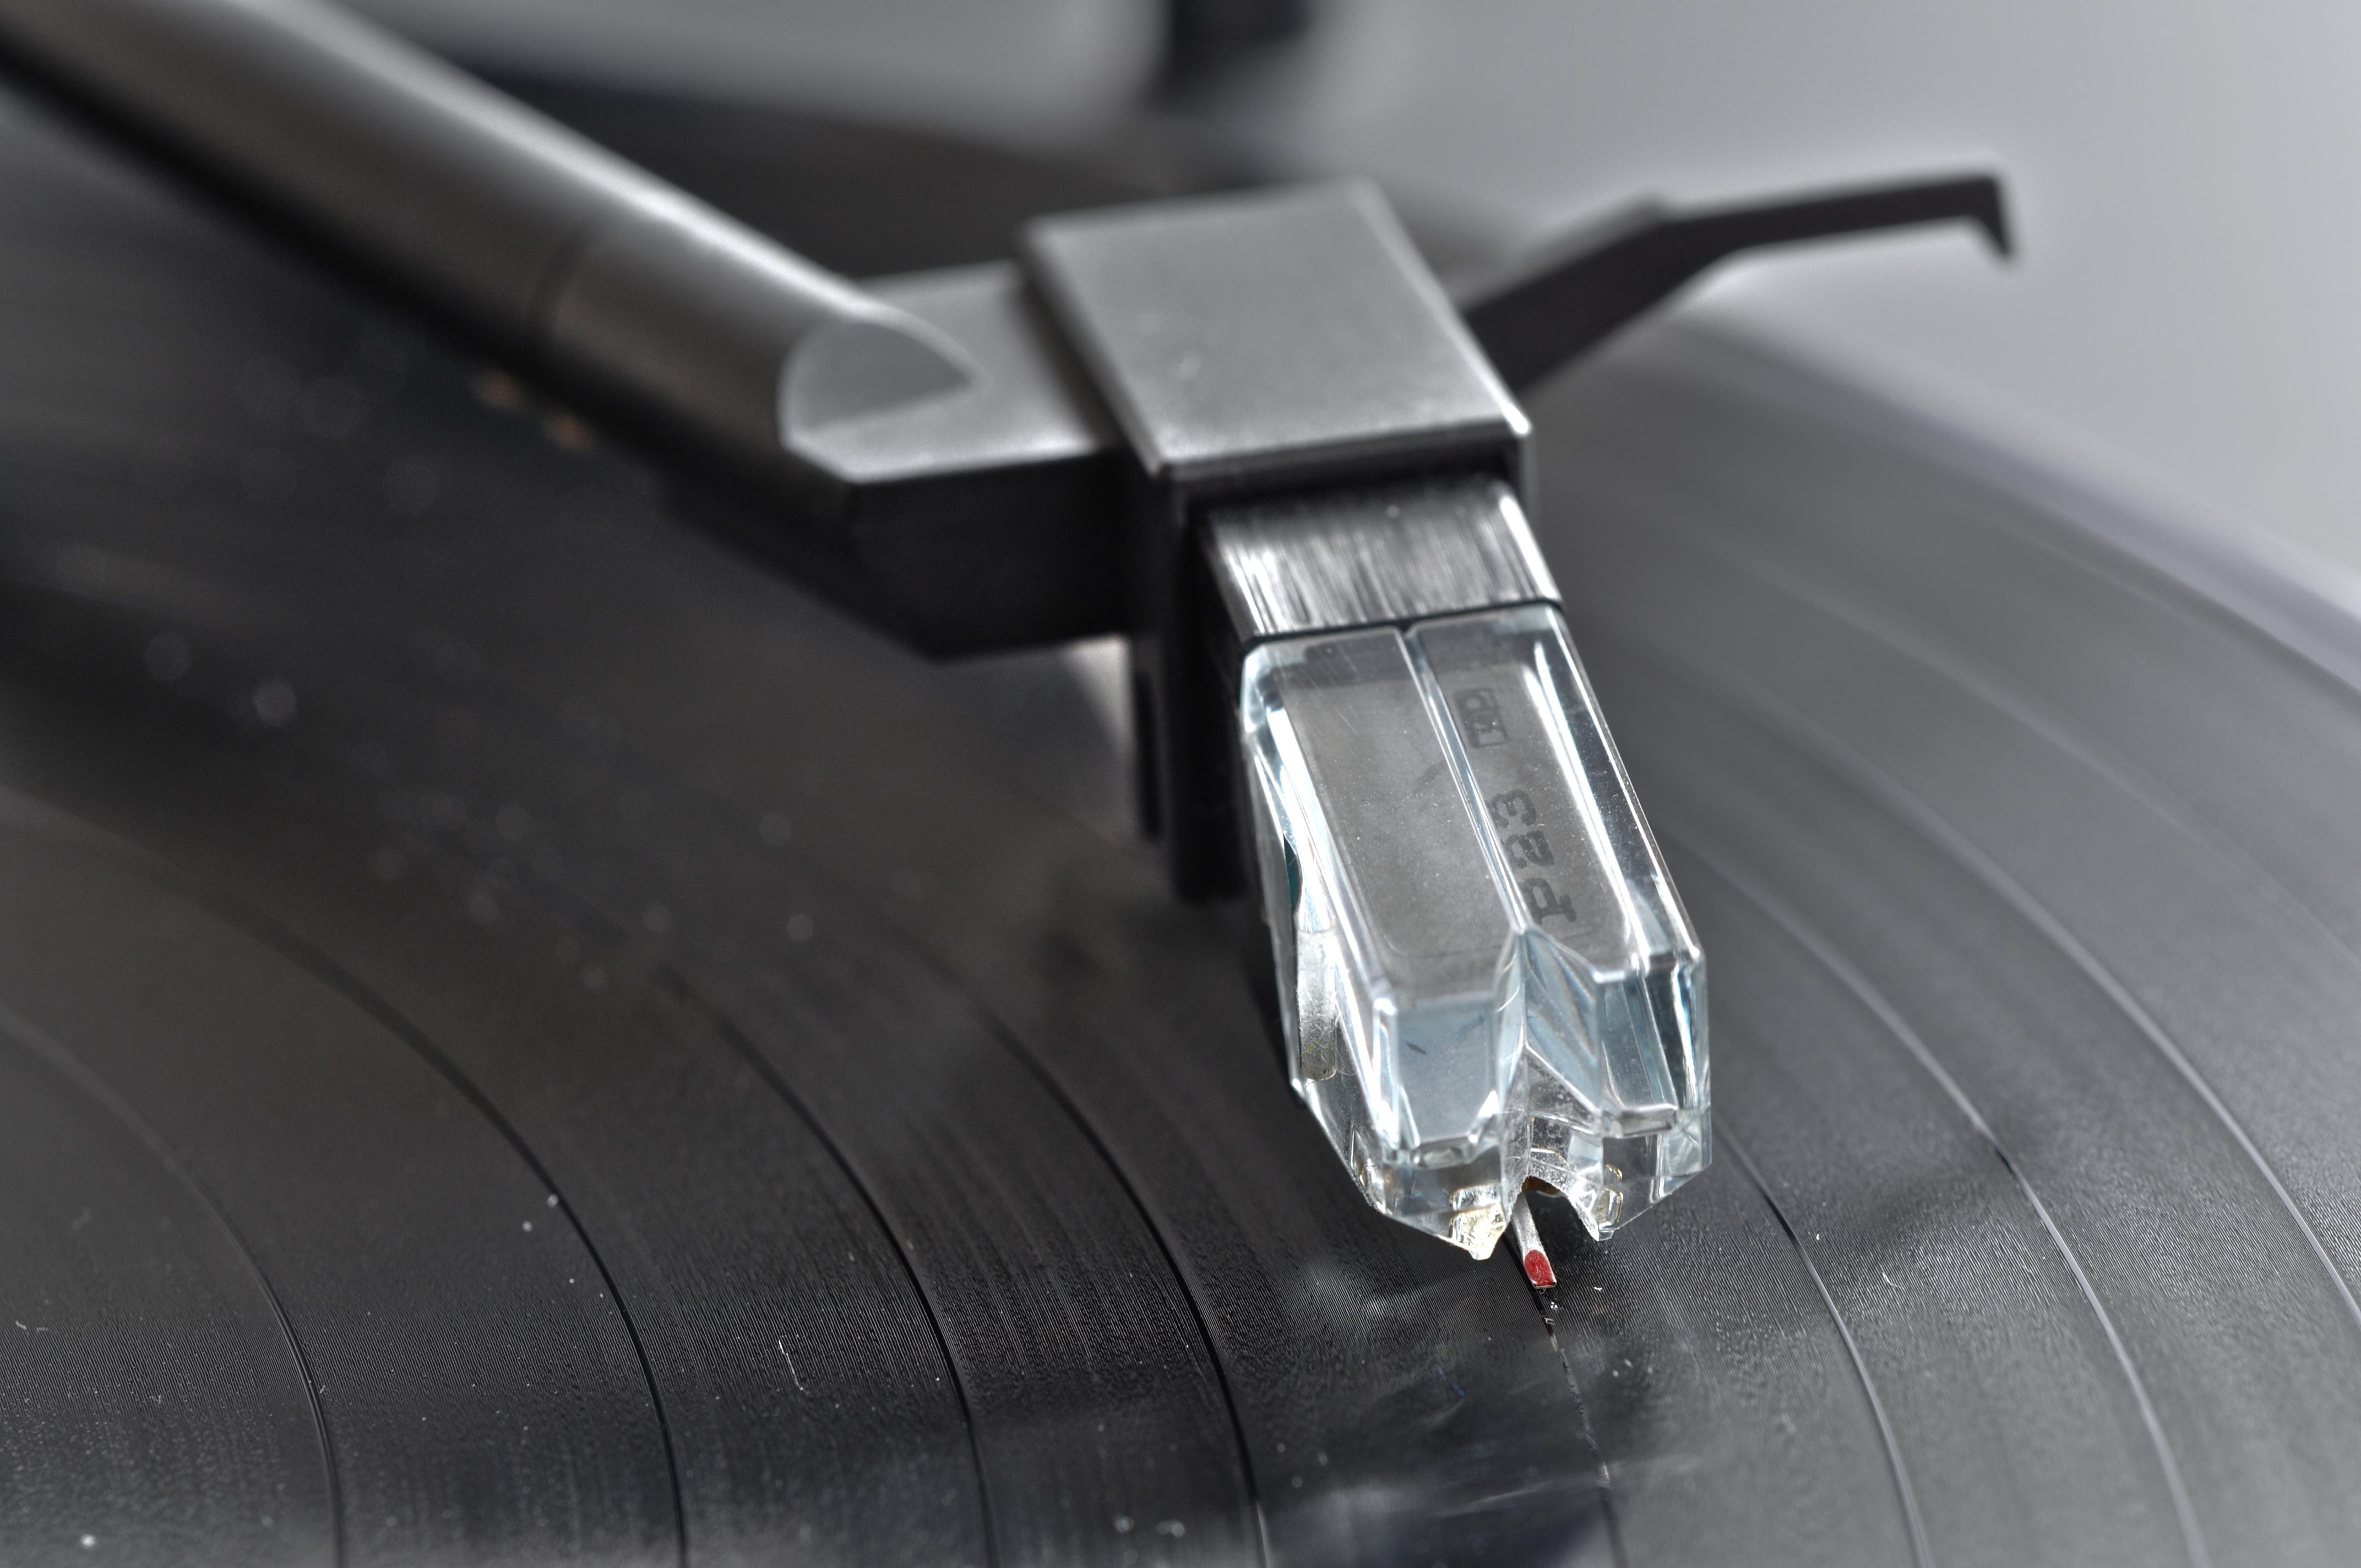 Tonabnehmer beim Abspielen einer Schallplatte; unter dem roten Lackpunkt befindet sich die Abtastnadel, deren Spitze in der Rille der Schallplatte läuft